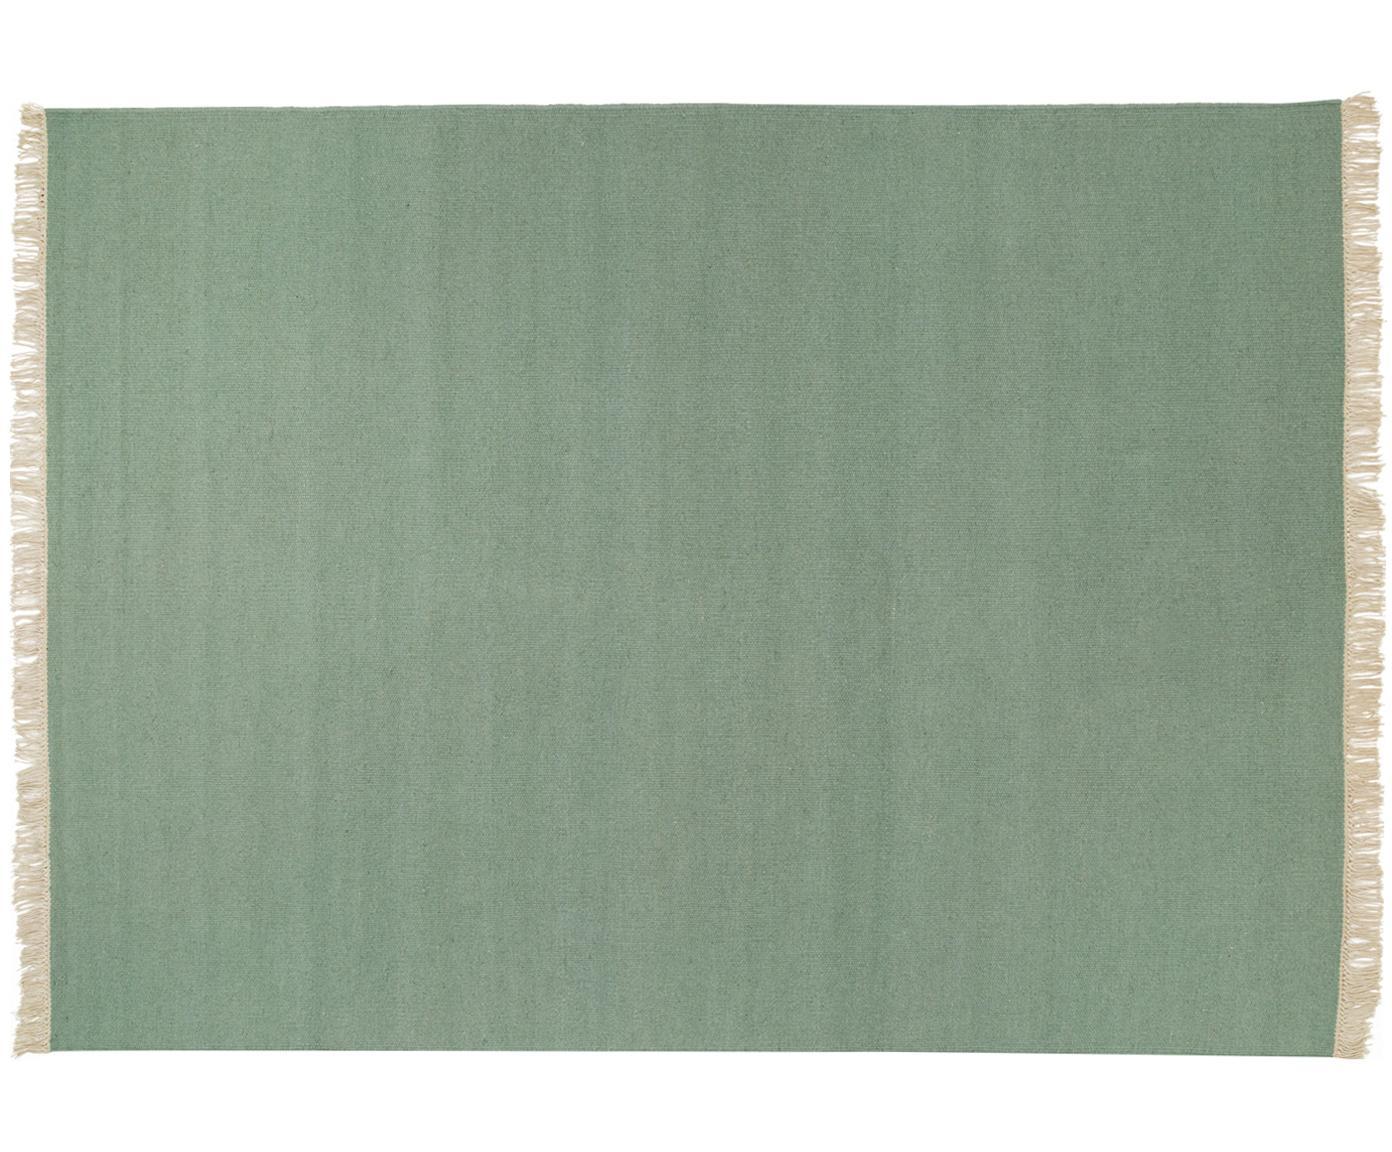 Alfombra artesanal de lana con flecos Rainbow, Parte superior: 100%lana, Reverso: algodón, Pistacho, An 140 x L 200 cm (Tamaño S)